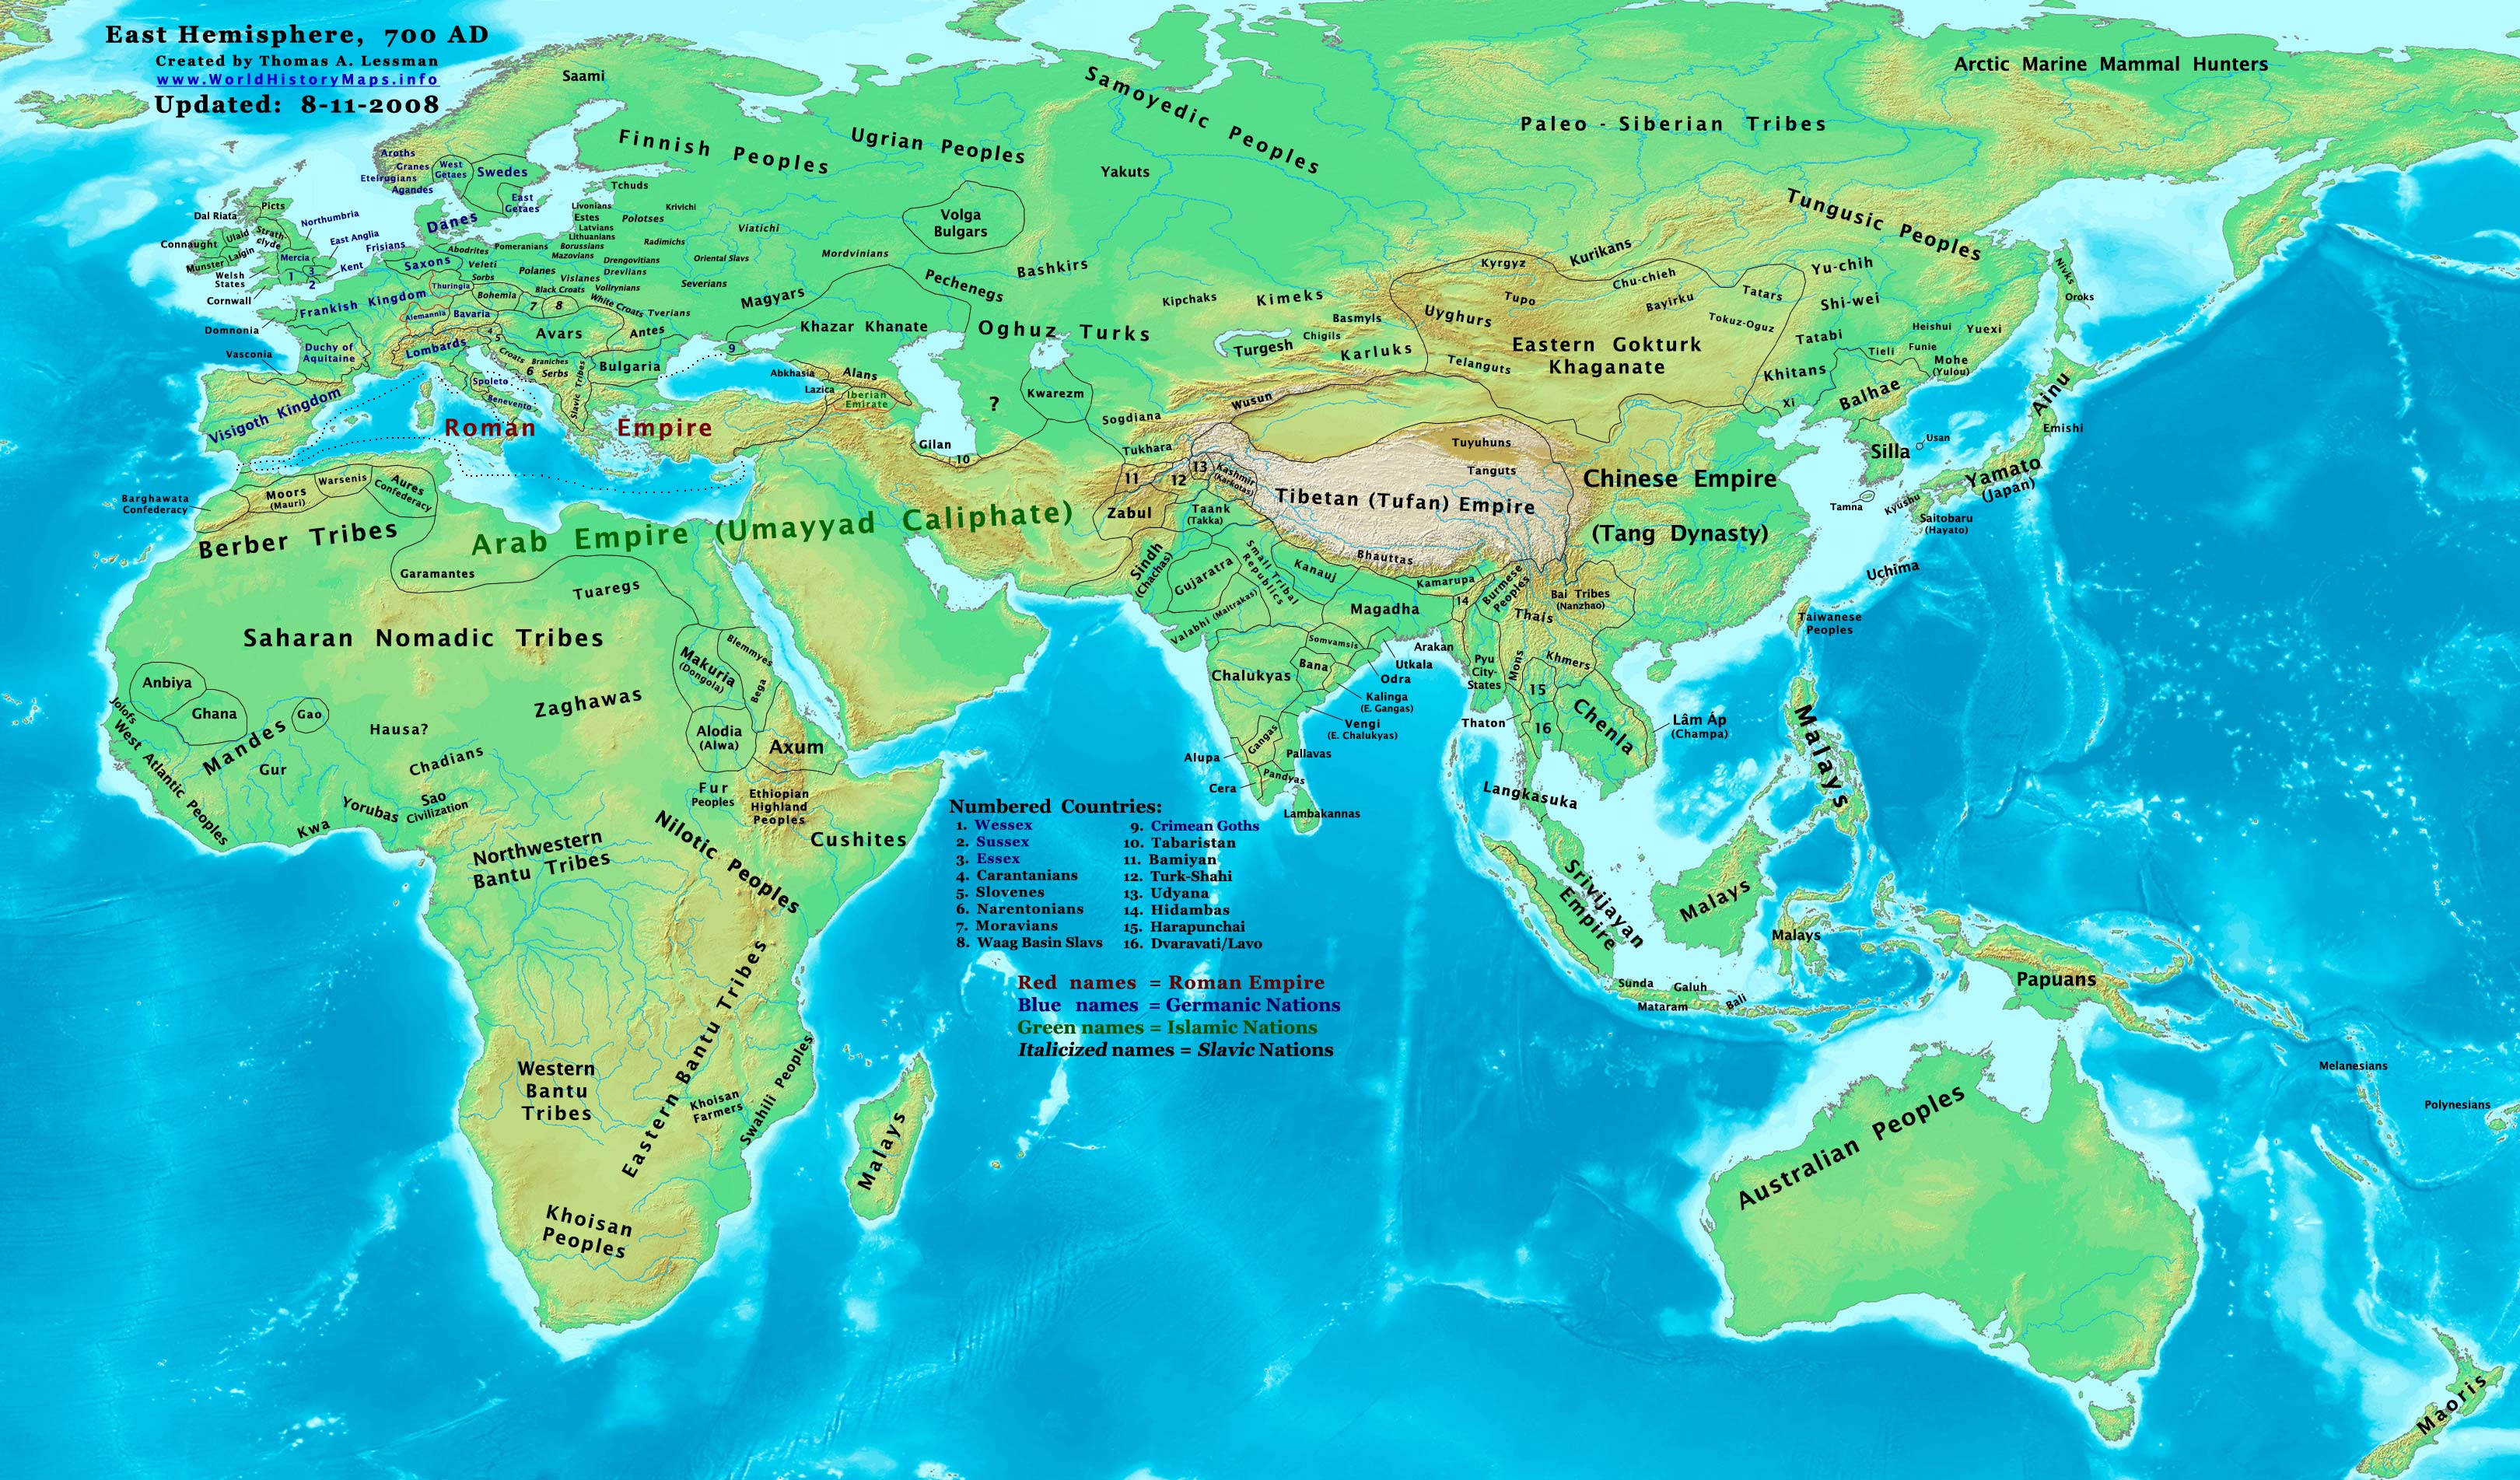 http://worldhistorymaps.info/images/East-Hem_700ad.jpg